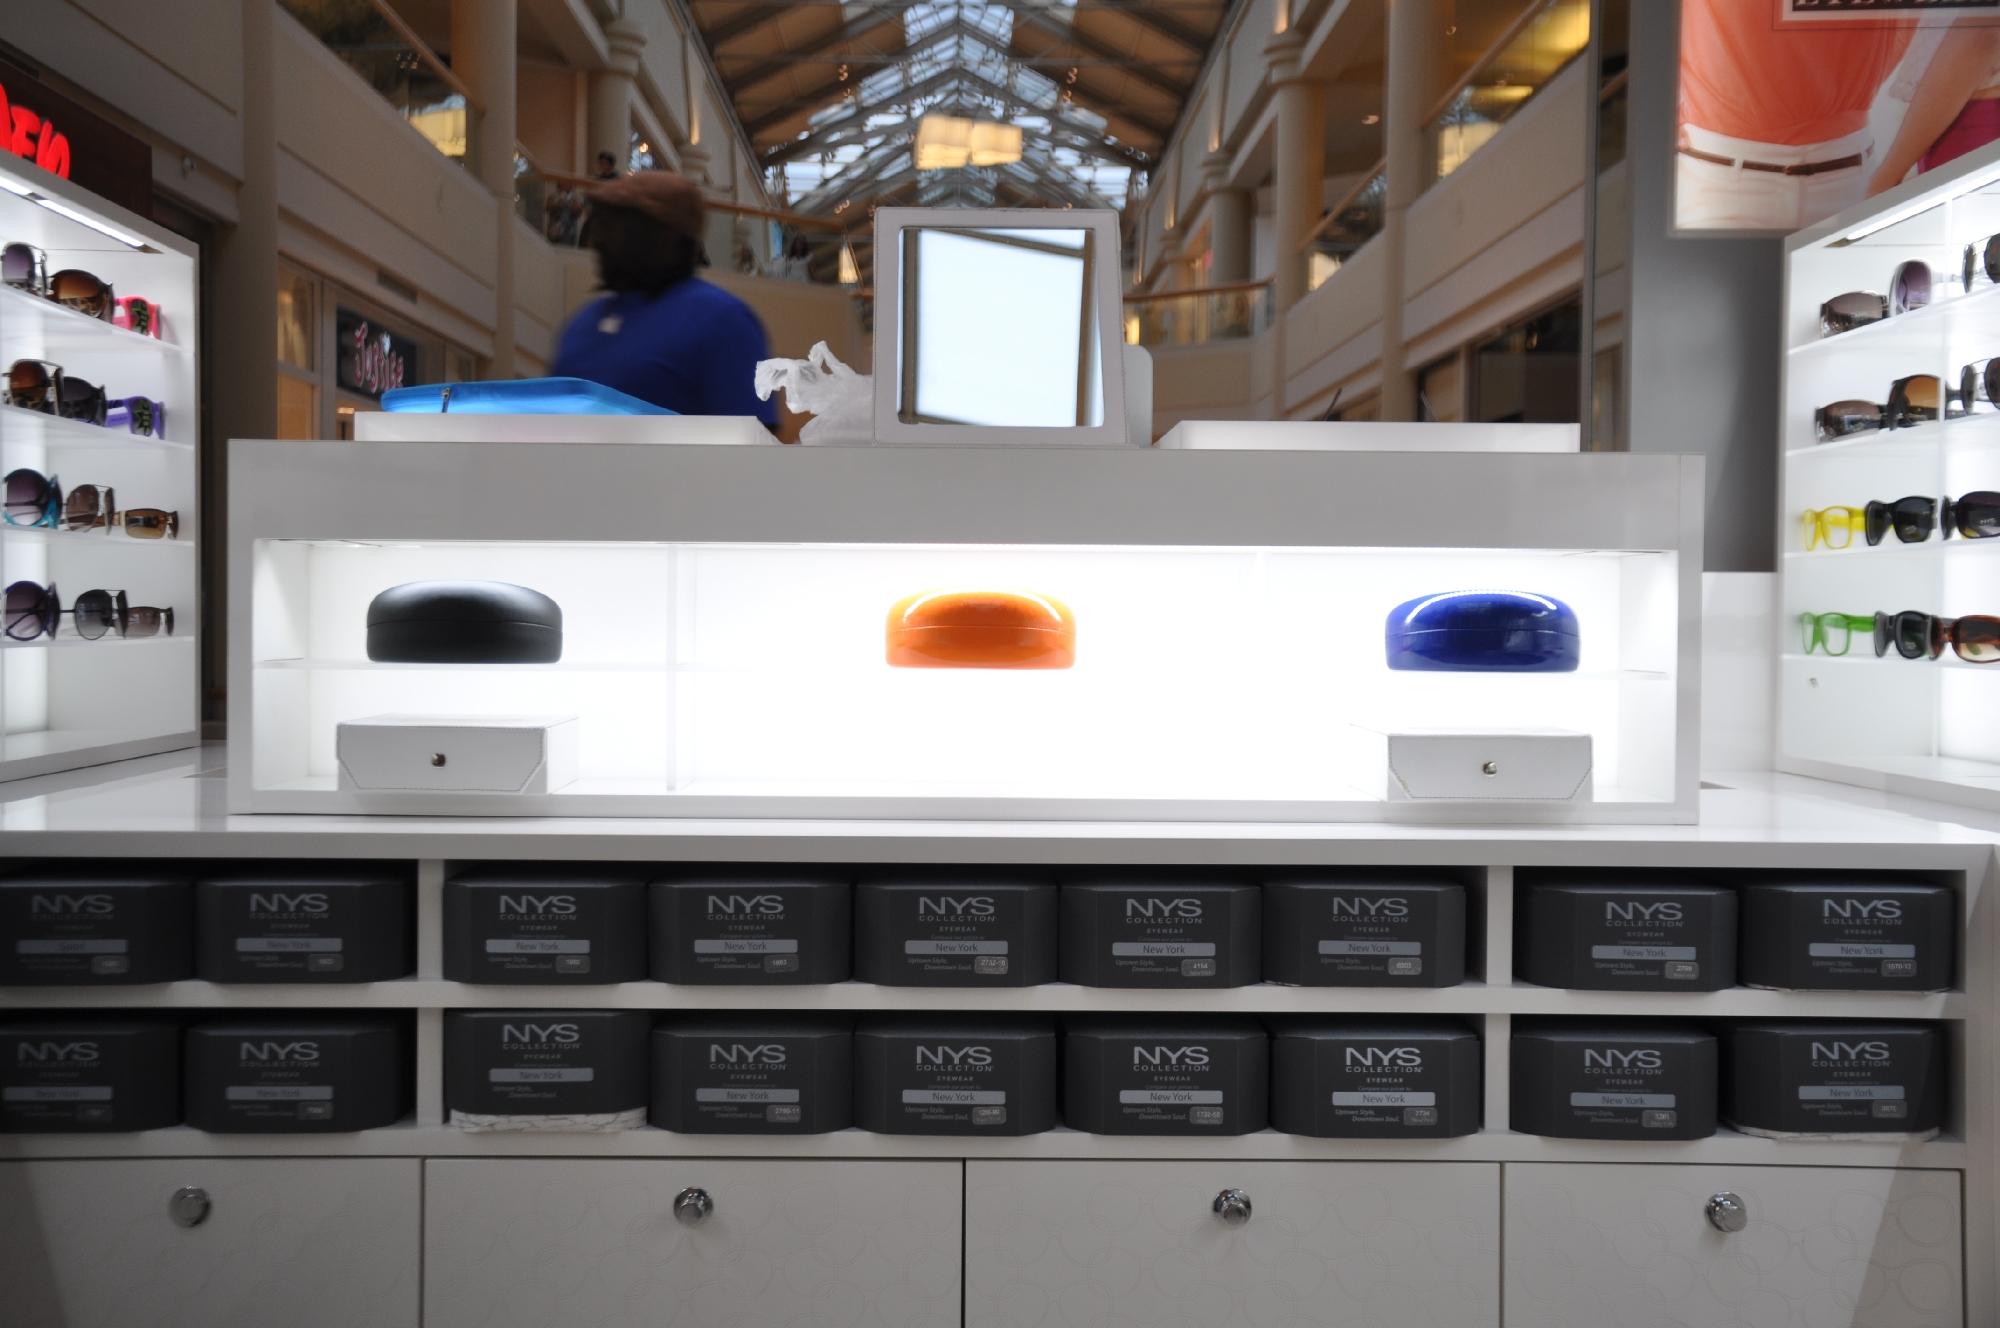 NYS KIOSK Freehold Mall 2012 047__29.jpg